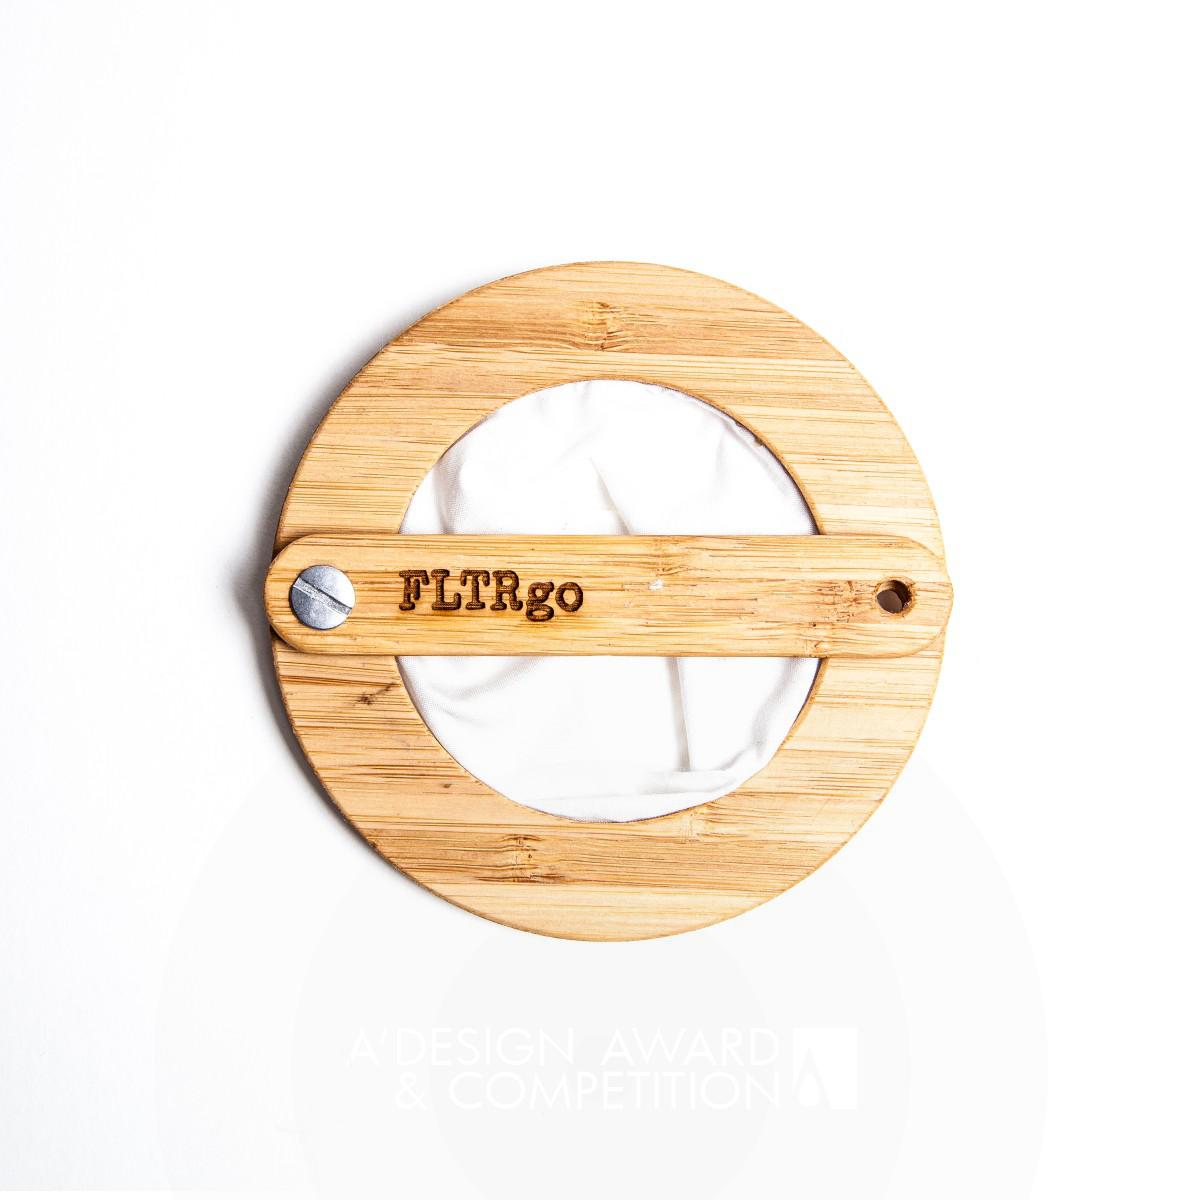 FLTRgo Coffee Filter